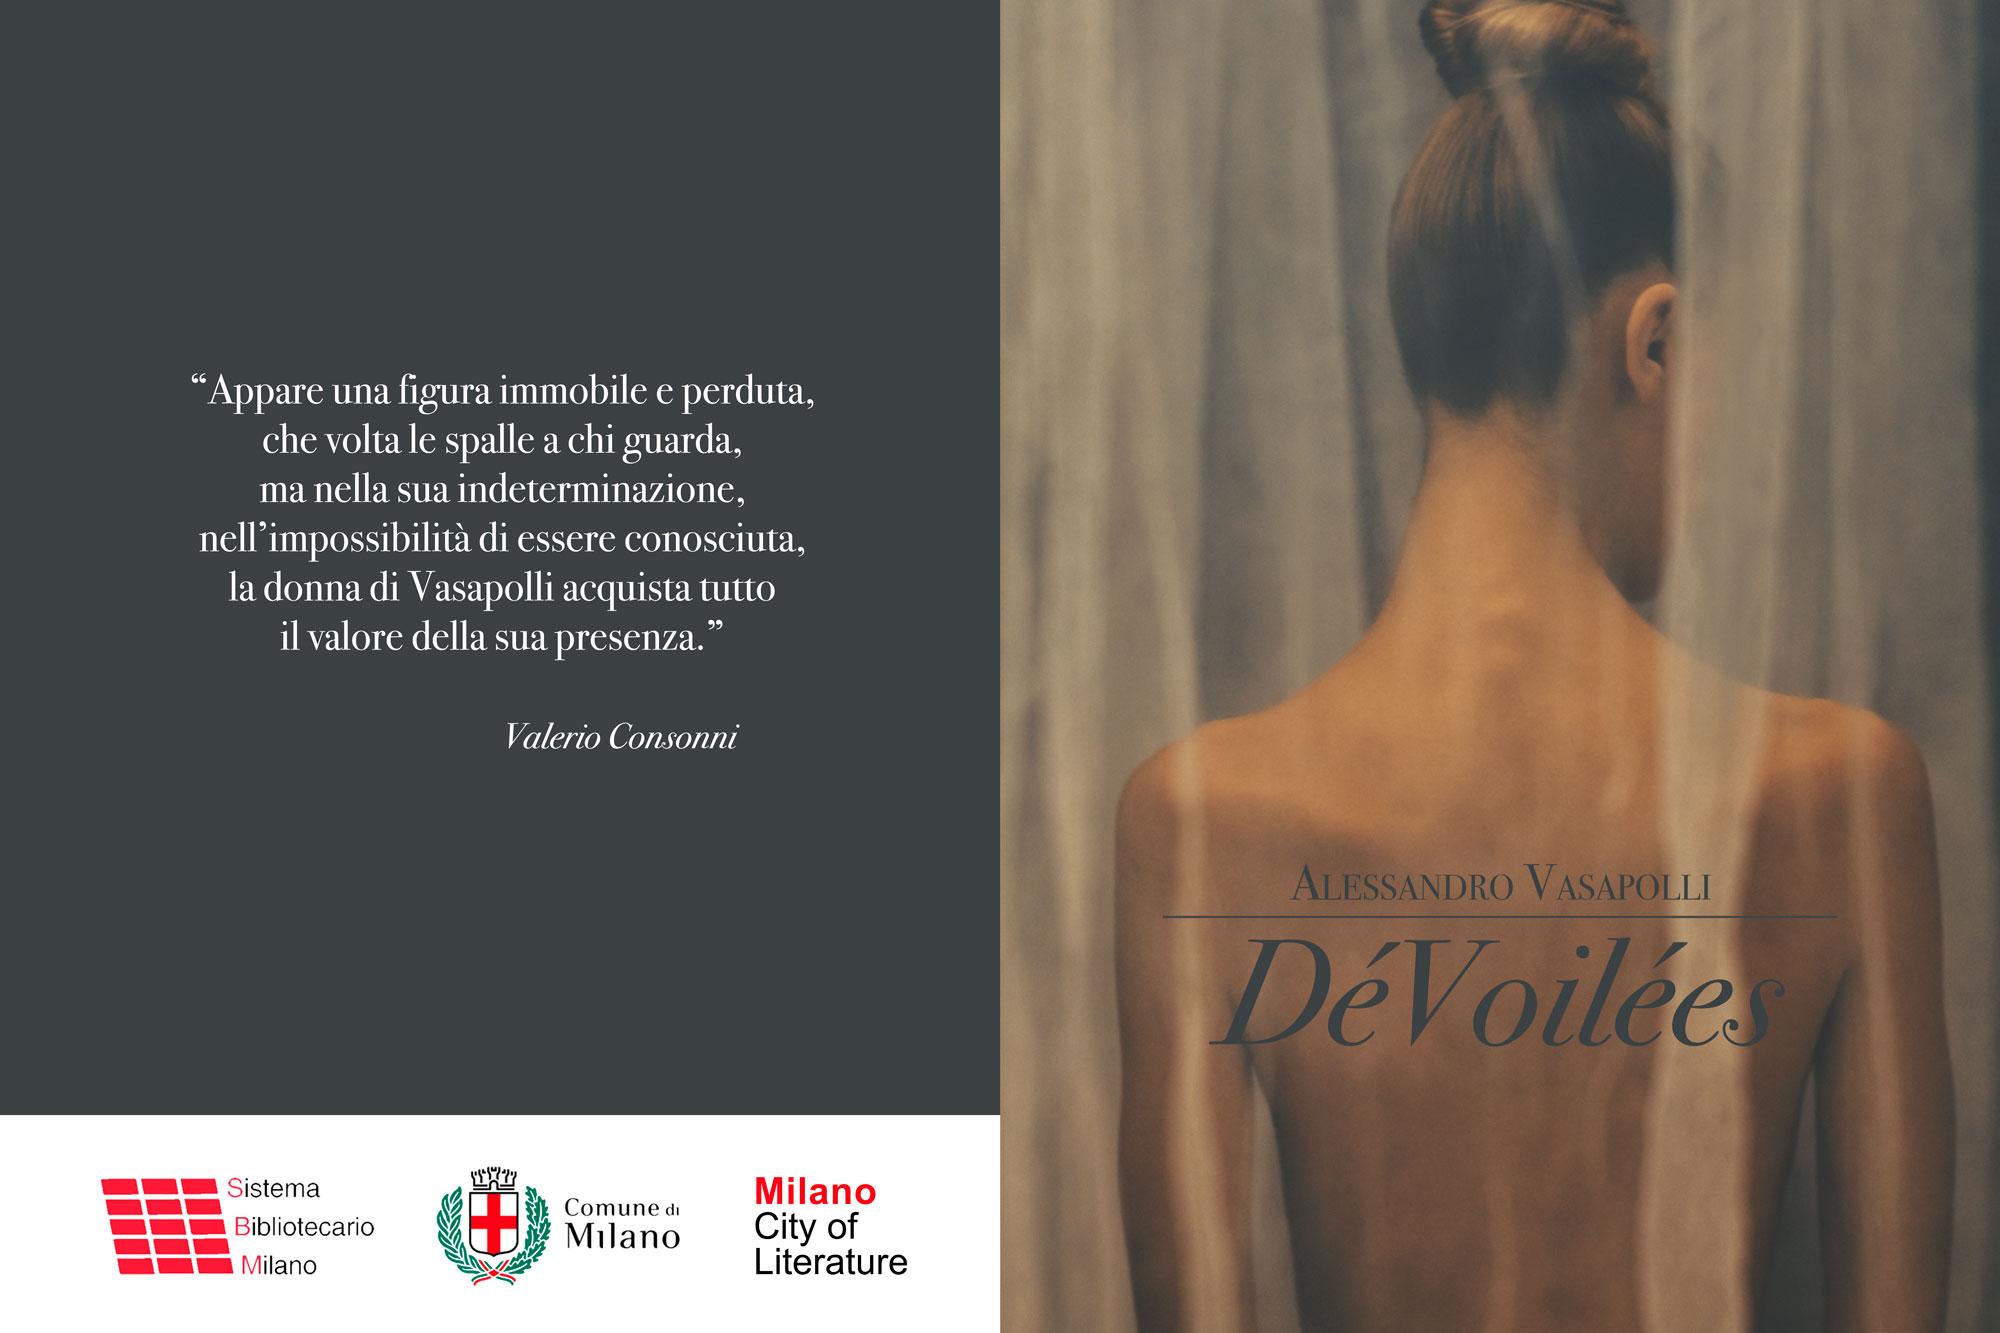 Invitation_Biblioteca_Sormani_Sala_del_Grechetto_Alessandro_Vasapolli_05_12_2018_DeVoilees_2